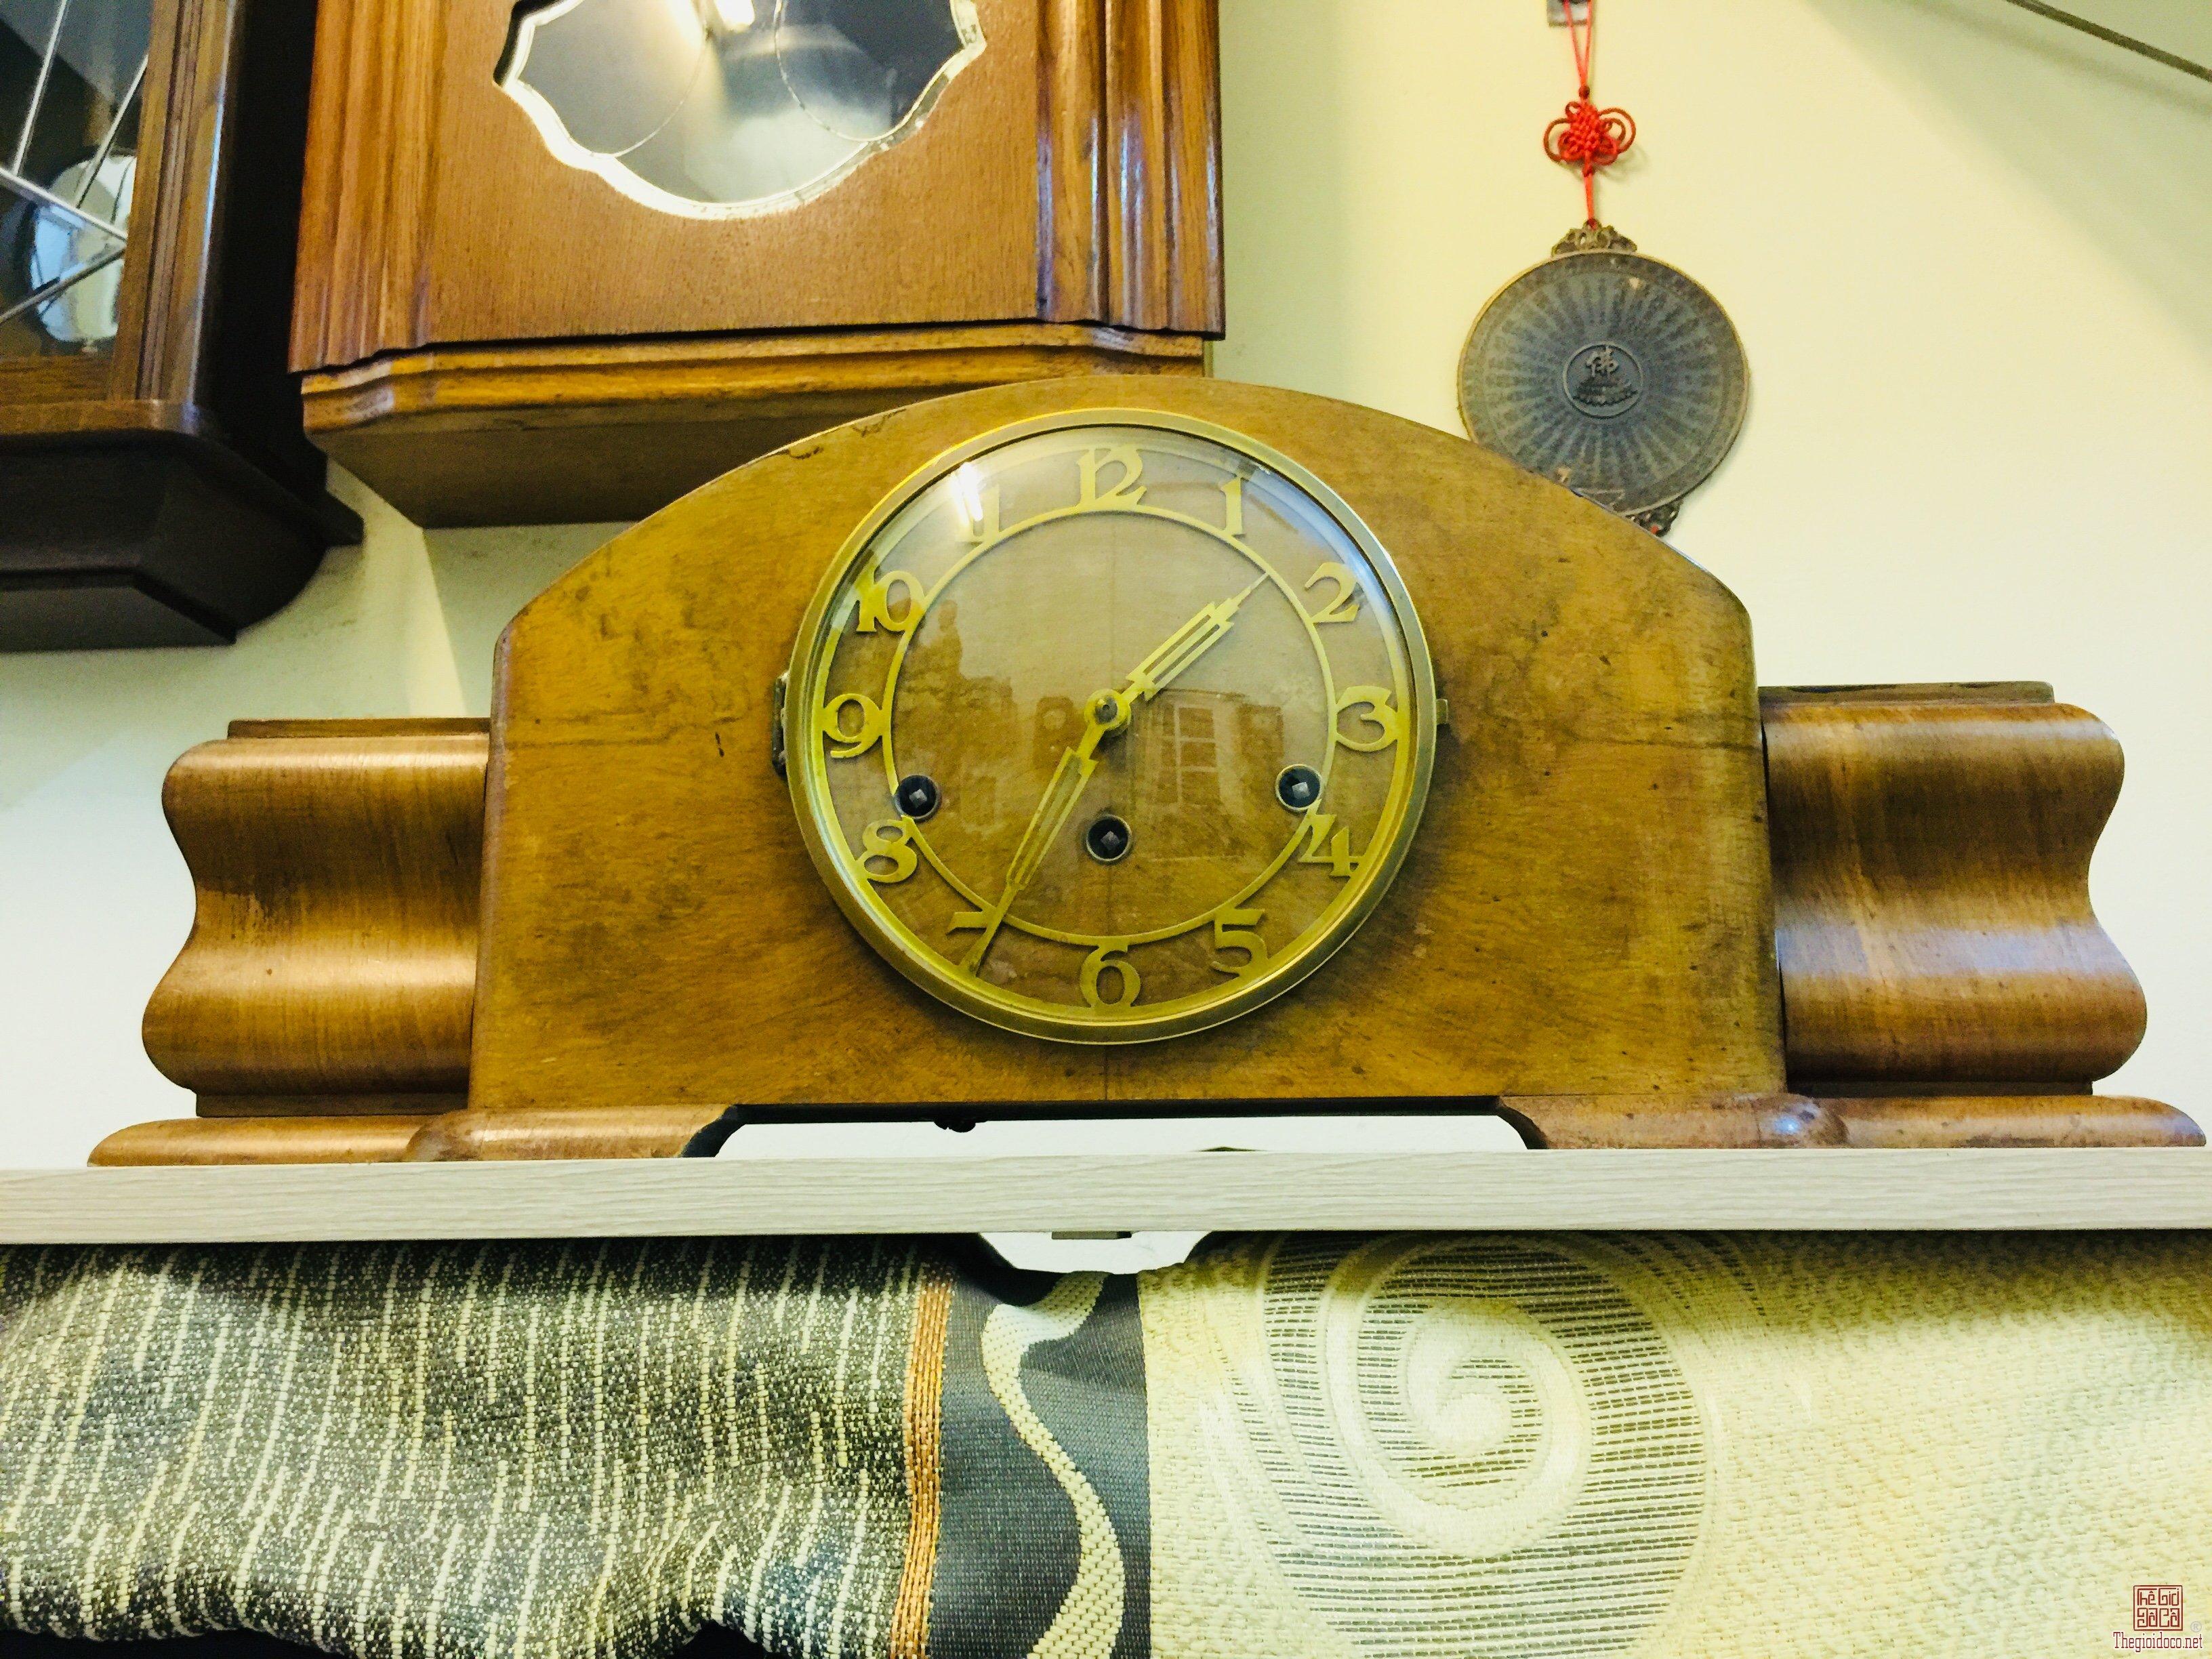 Đồng hồ vai bò Đức kiểu dáng lạ rất đẹp